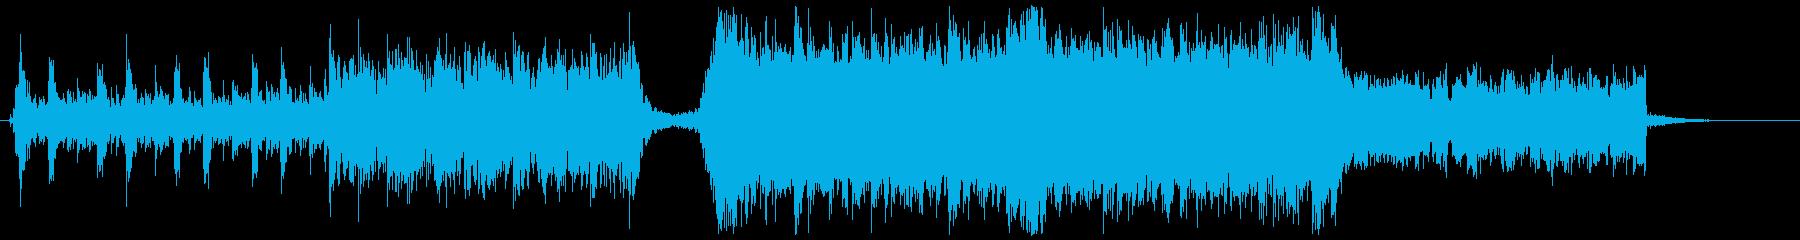 劇伴 ロック オーケストラ 60秒版の再生済みの波形